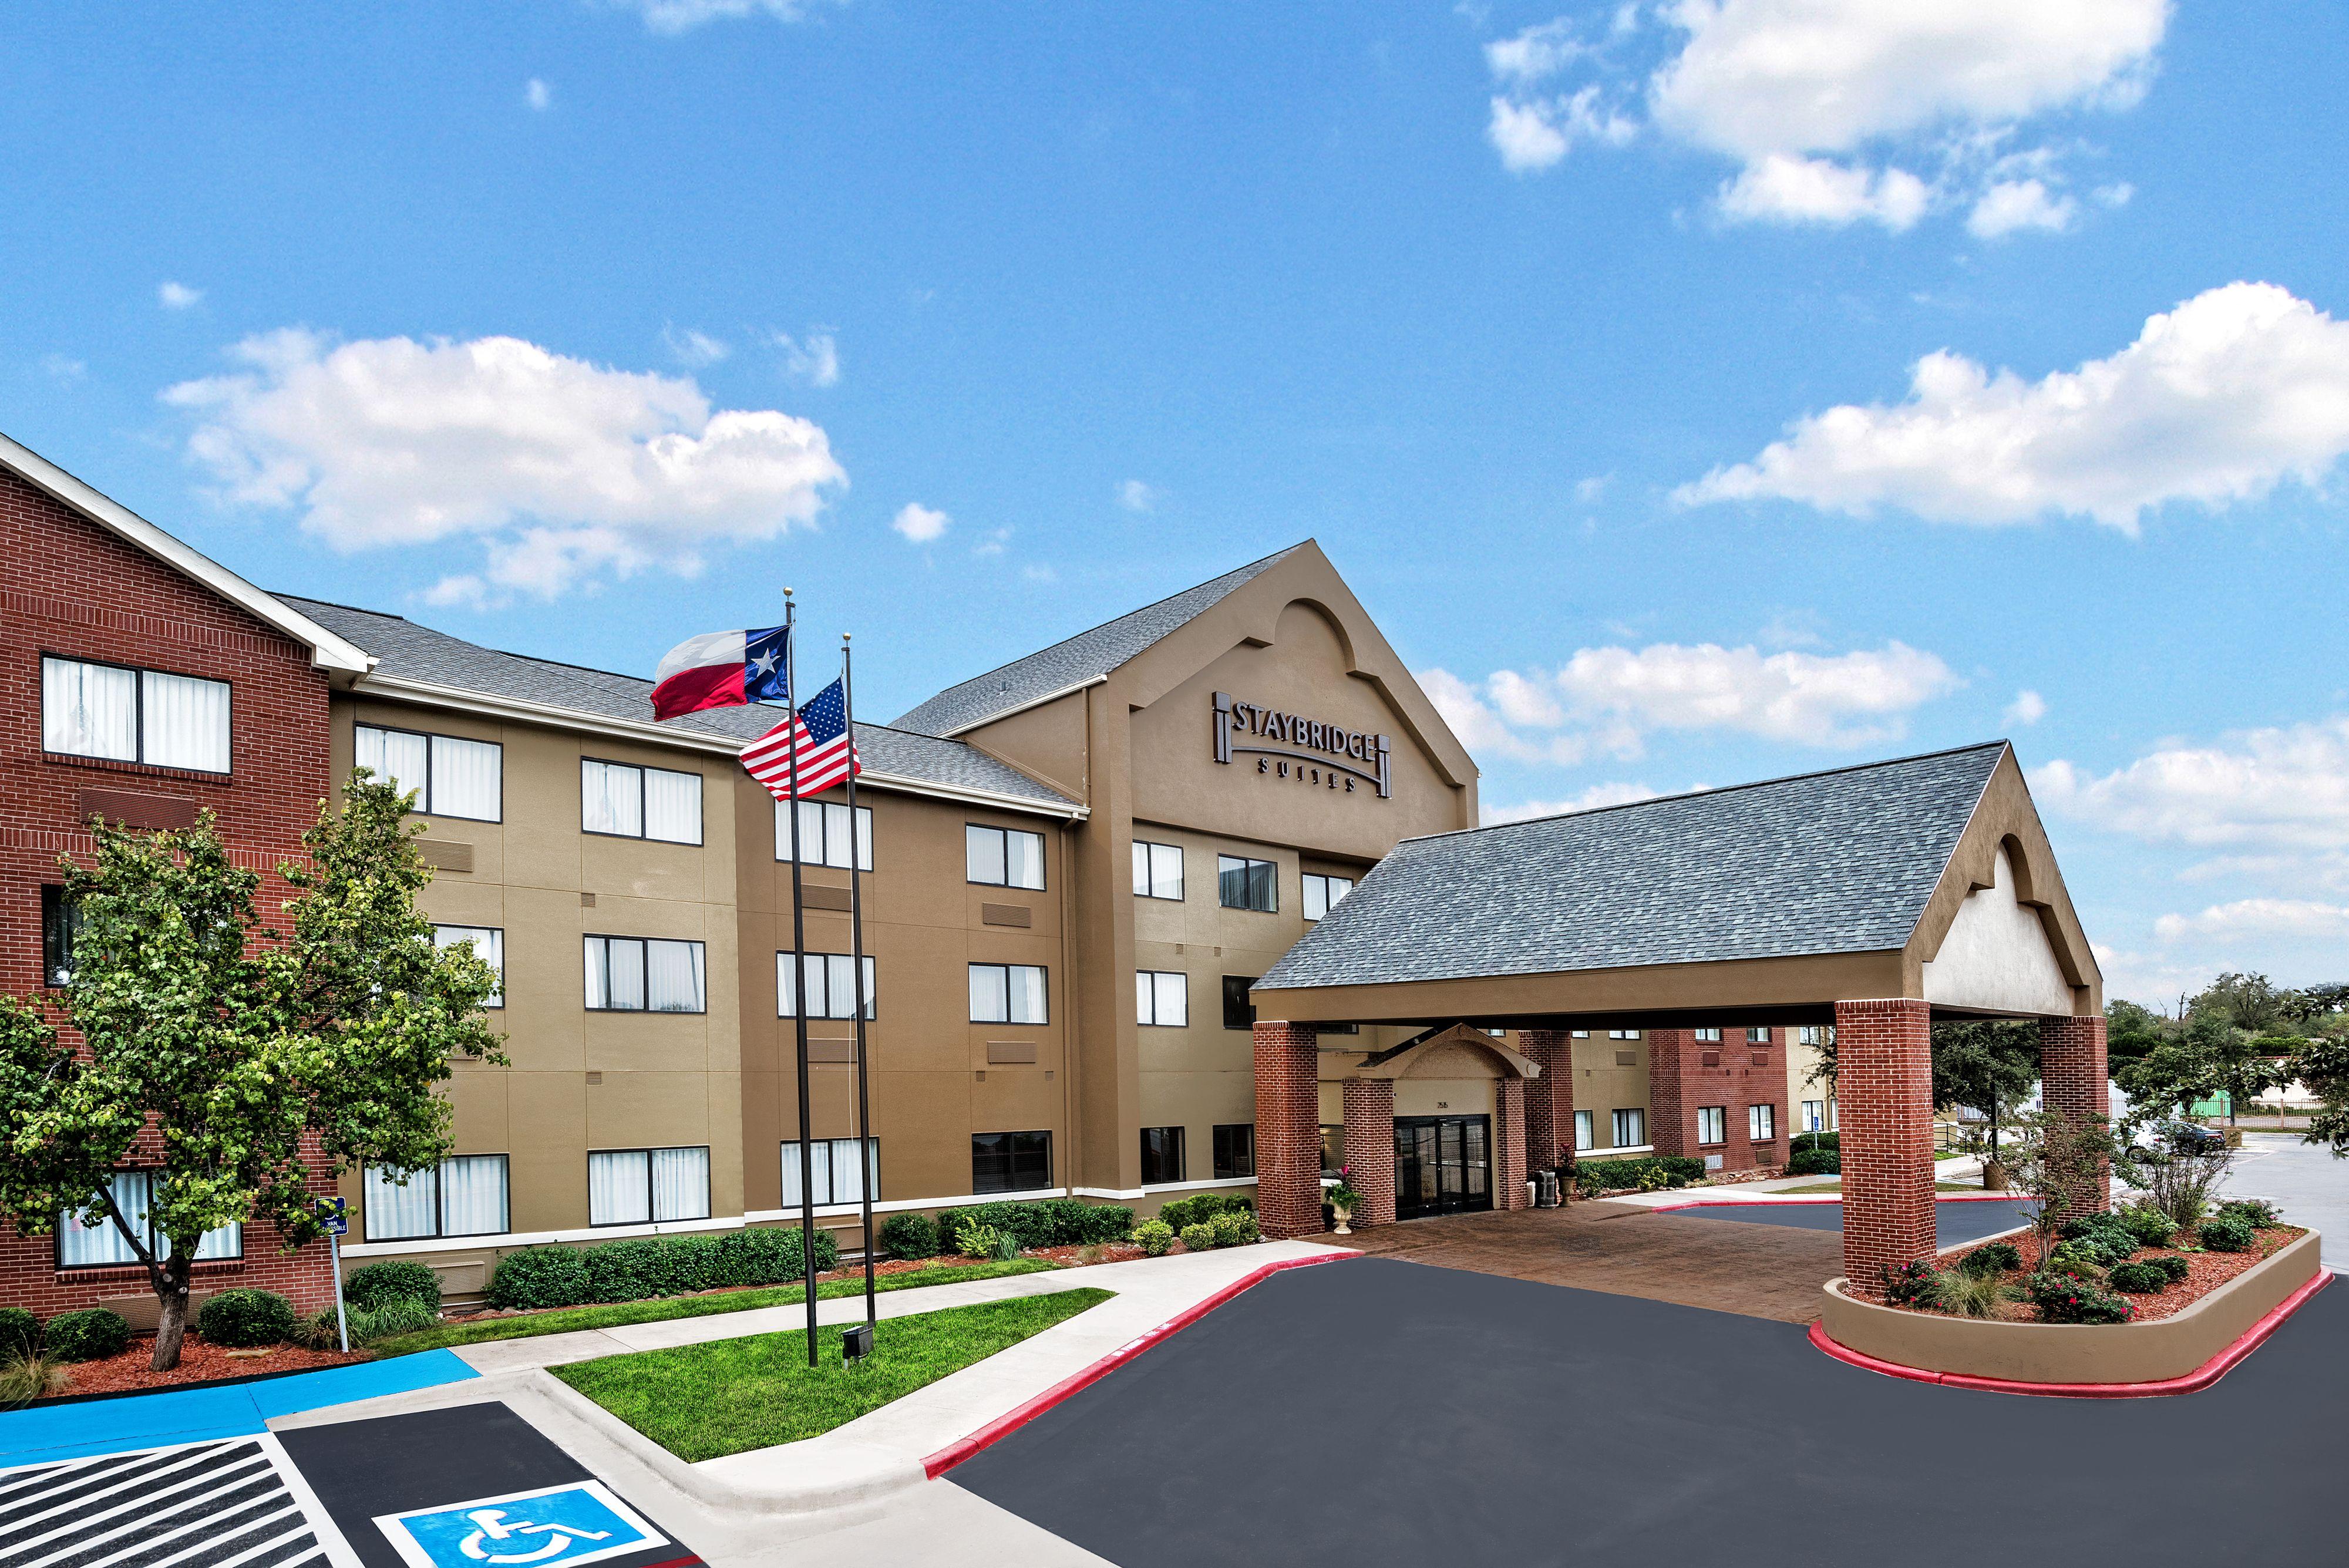 Hotels Near S Pn